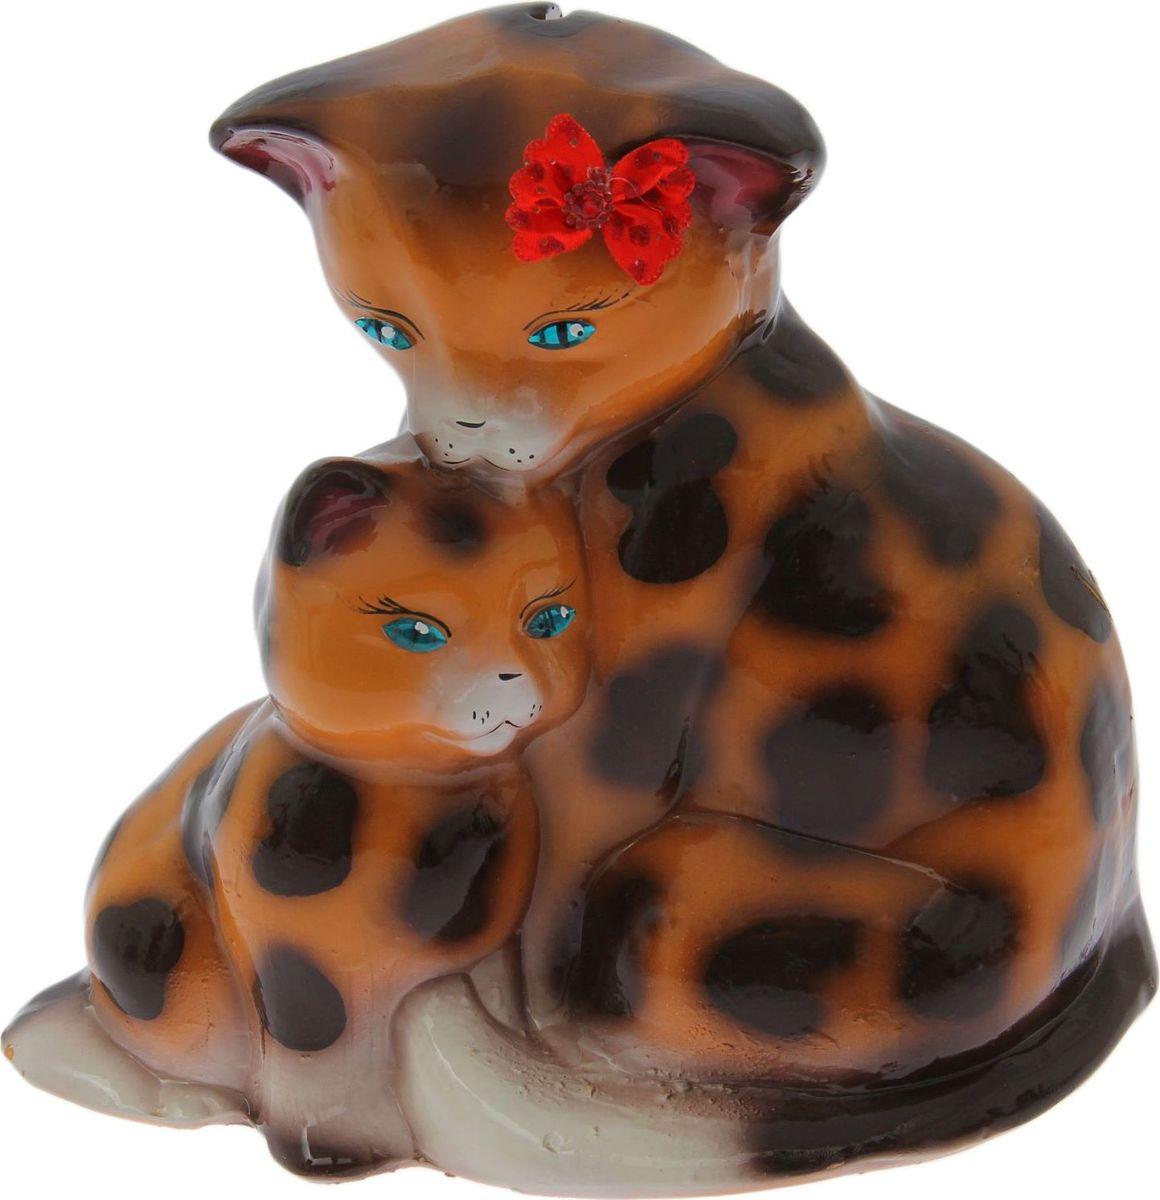 Копилка Керамика ручной работы Кошка с котенком, 14 х 26 х 24 см1588168Копилка — универсальный вариант подарка любому человеку, ведь каждый из нас мечтает о какой-то дорогостоящей вещи и откладывает или собирается откладывать деньги на её приобретение. Вместительная копилка станет прекрасным хранителем сбережений и украшением интерьера. Она выглядит так ярко и эффектно, что проходя мимо, обязательно захочется забросить пару монет. Обращаем ваше внимание, что копилка является одноразовой.